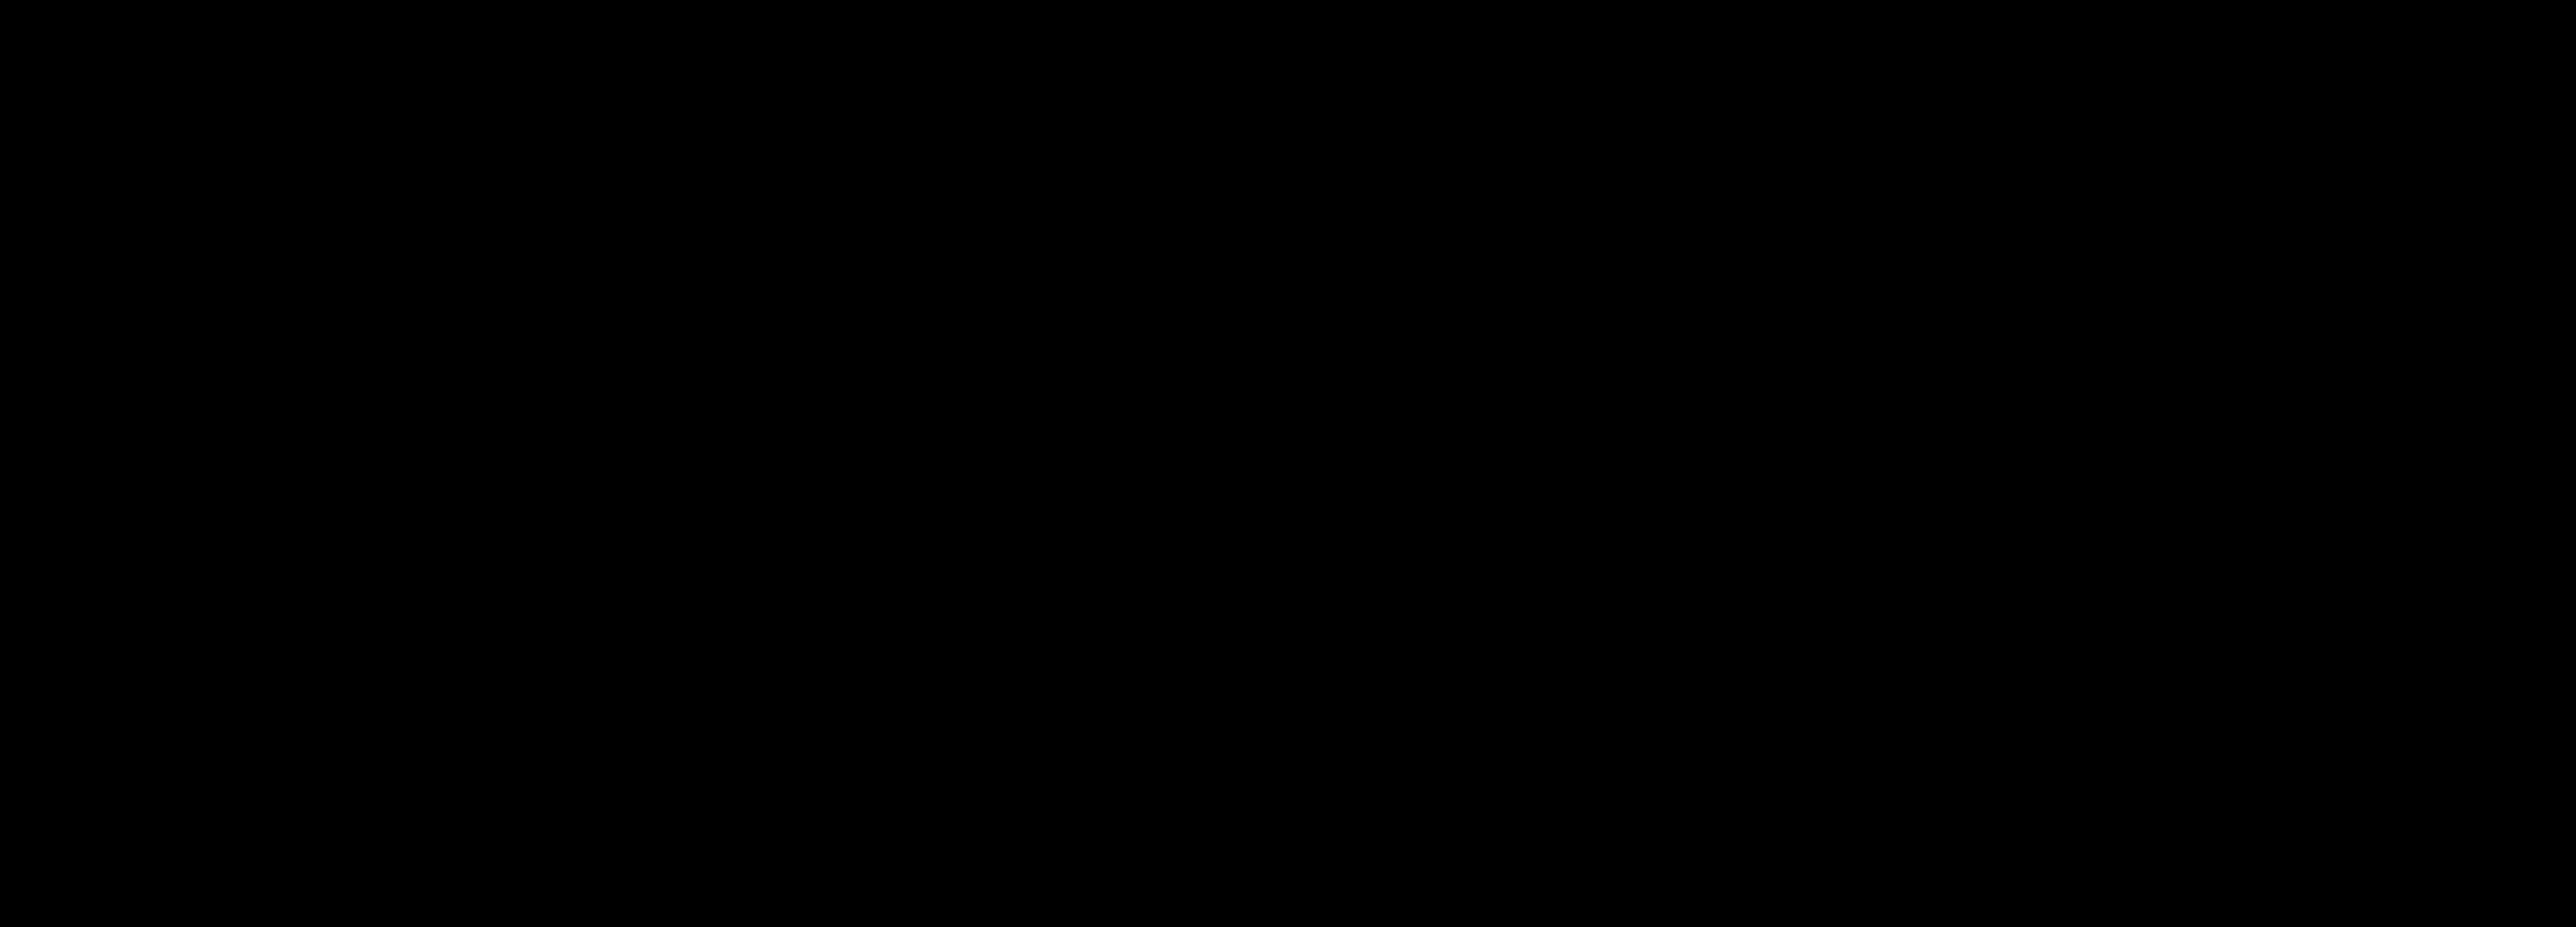 """Превью """"Жизнь после"""" — Все по ГОСТу"""